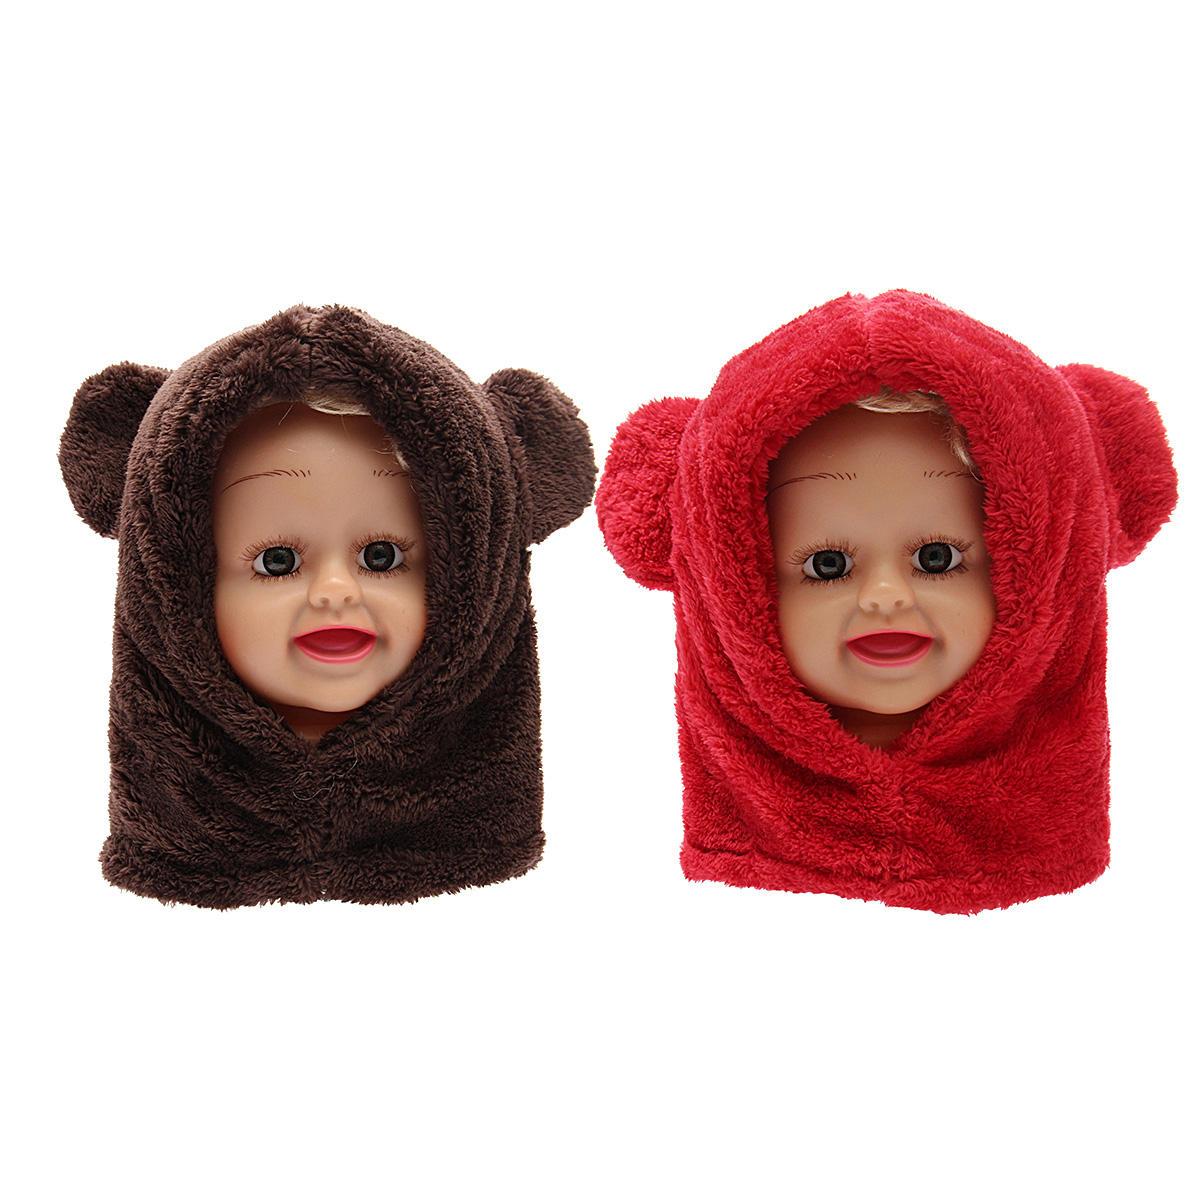 45a74b01fa9 Toddler Boy Girl Baby Kids Cute Warm Winter Fluffy Bear Hat Hood Scarf Cap  COD